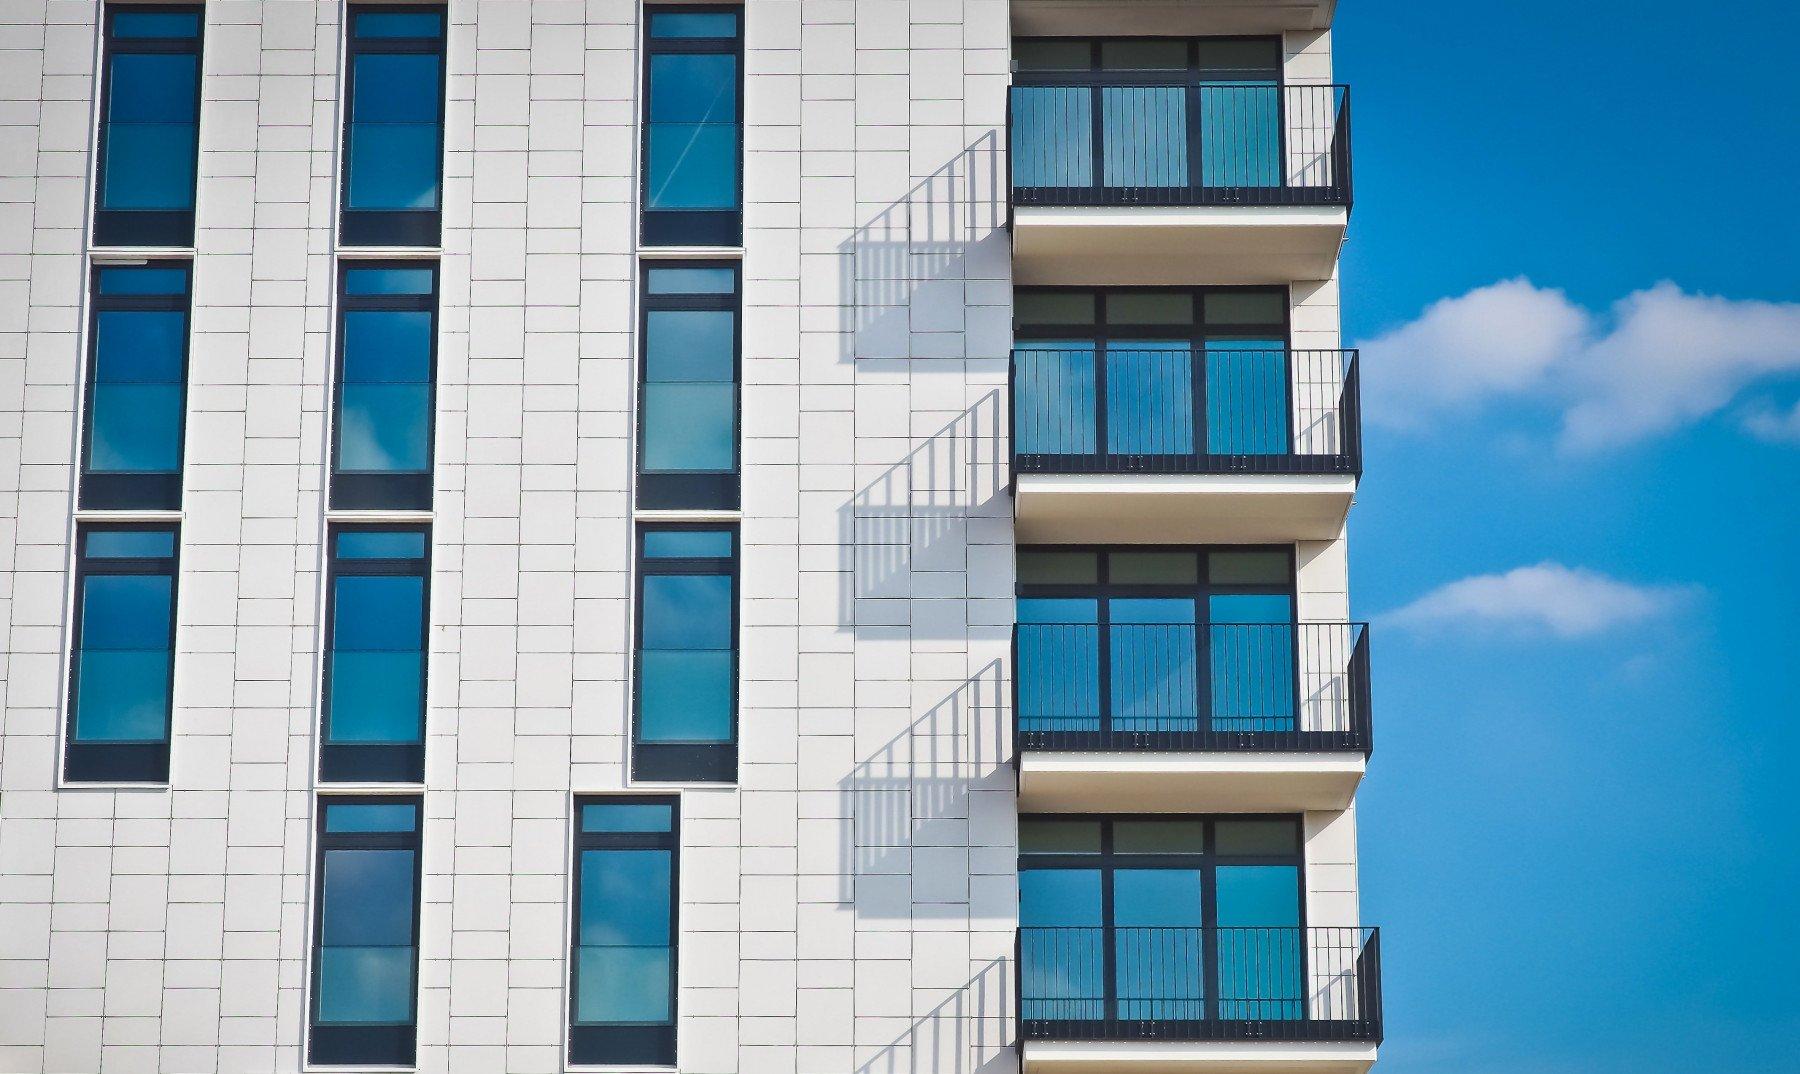 Fasad på ett lägenhetshus